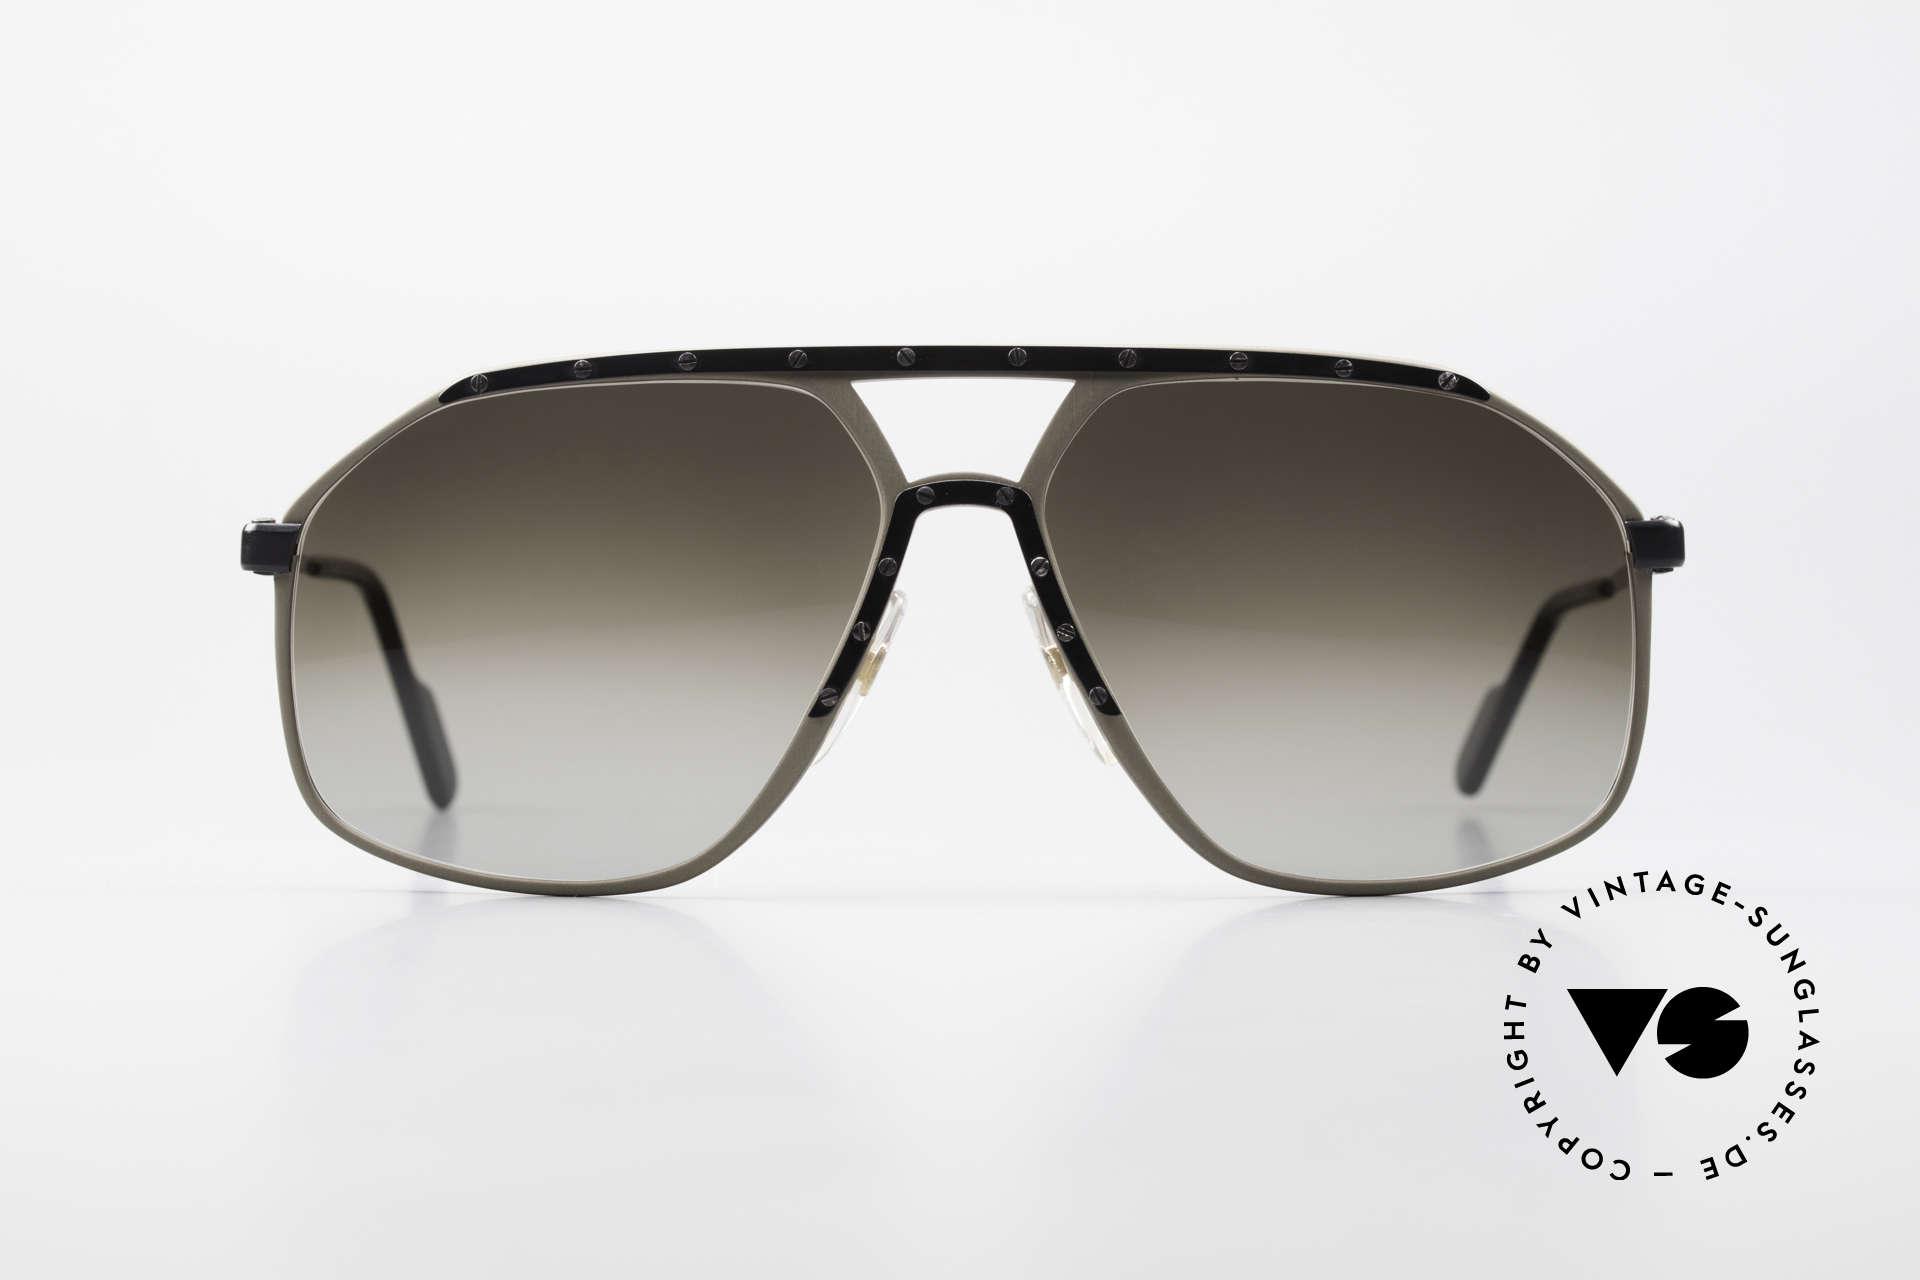 Alpina M1/7 Rare Vintage Sonnenbrille 90er, wurde Ende der 80er/ frühe 90er in Gr. 64/15 gefertigt, Passend für Herren